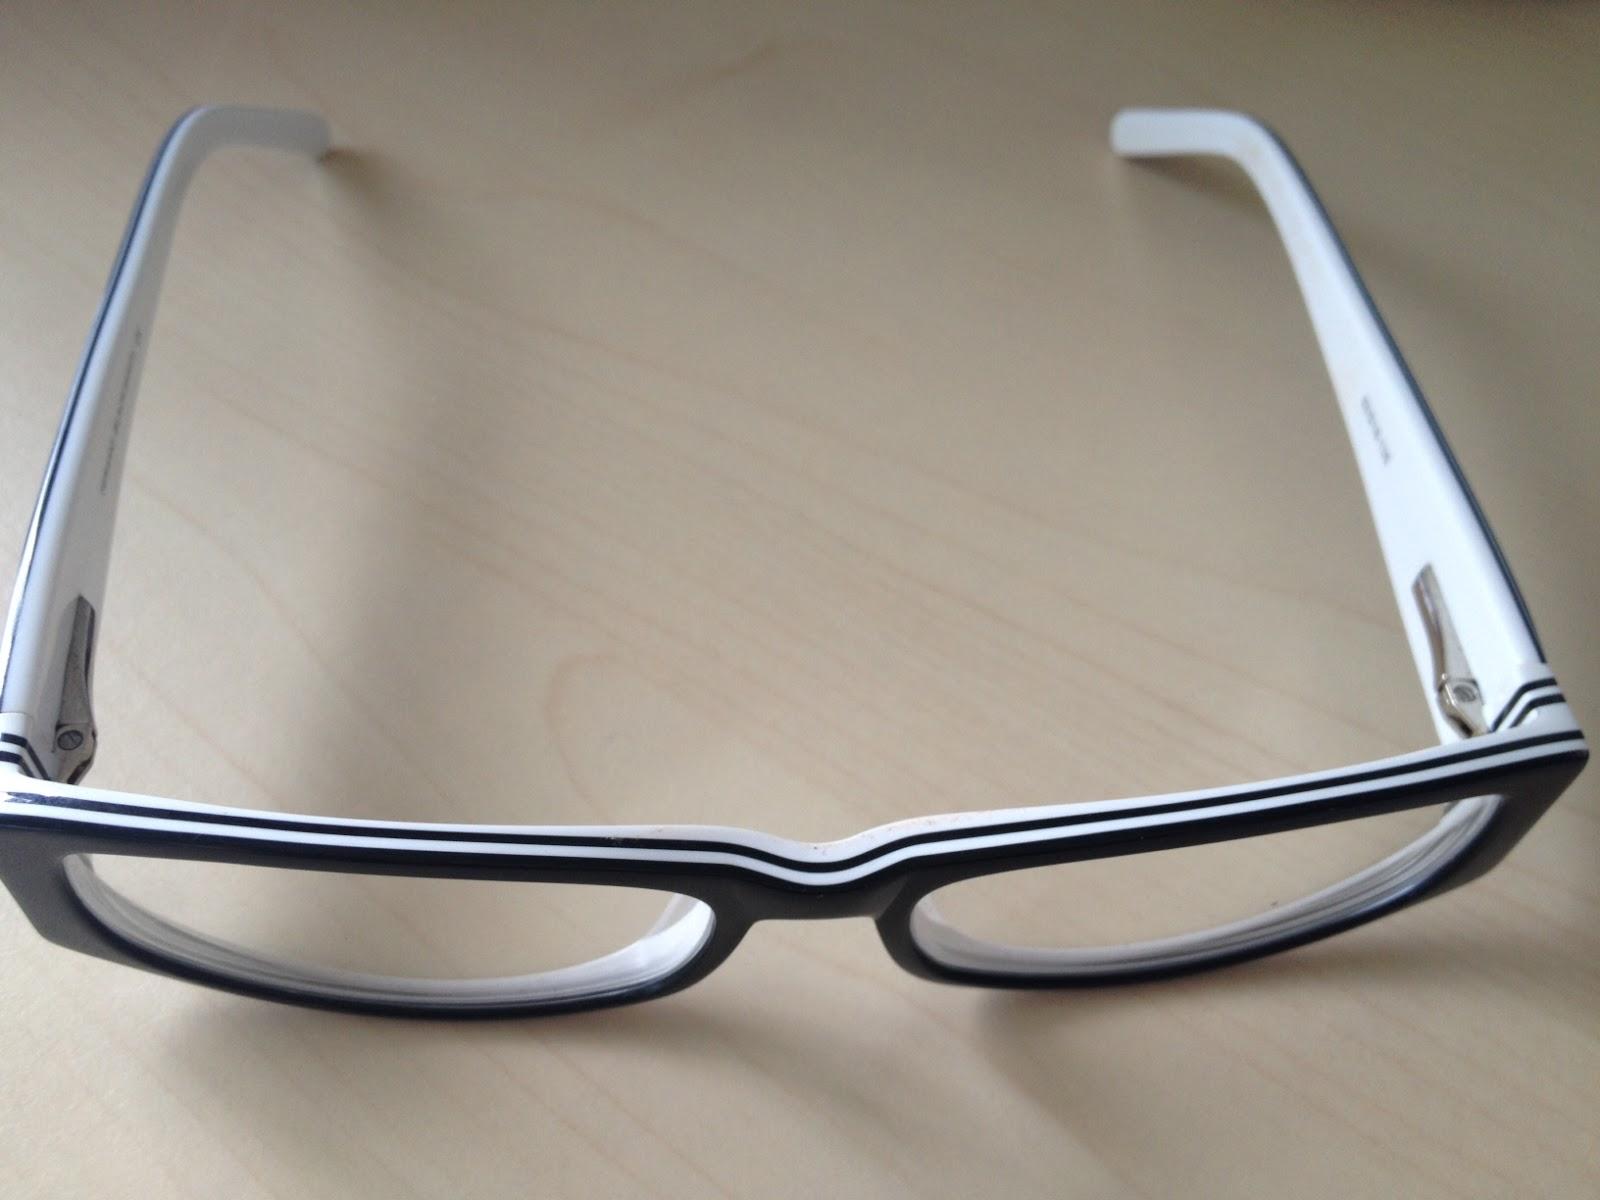 Niedlich Weiß Brillen Rahmen Ideen - Benutzerdefinierte Bilderrahmen ...